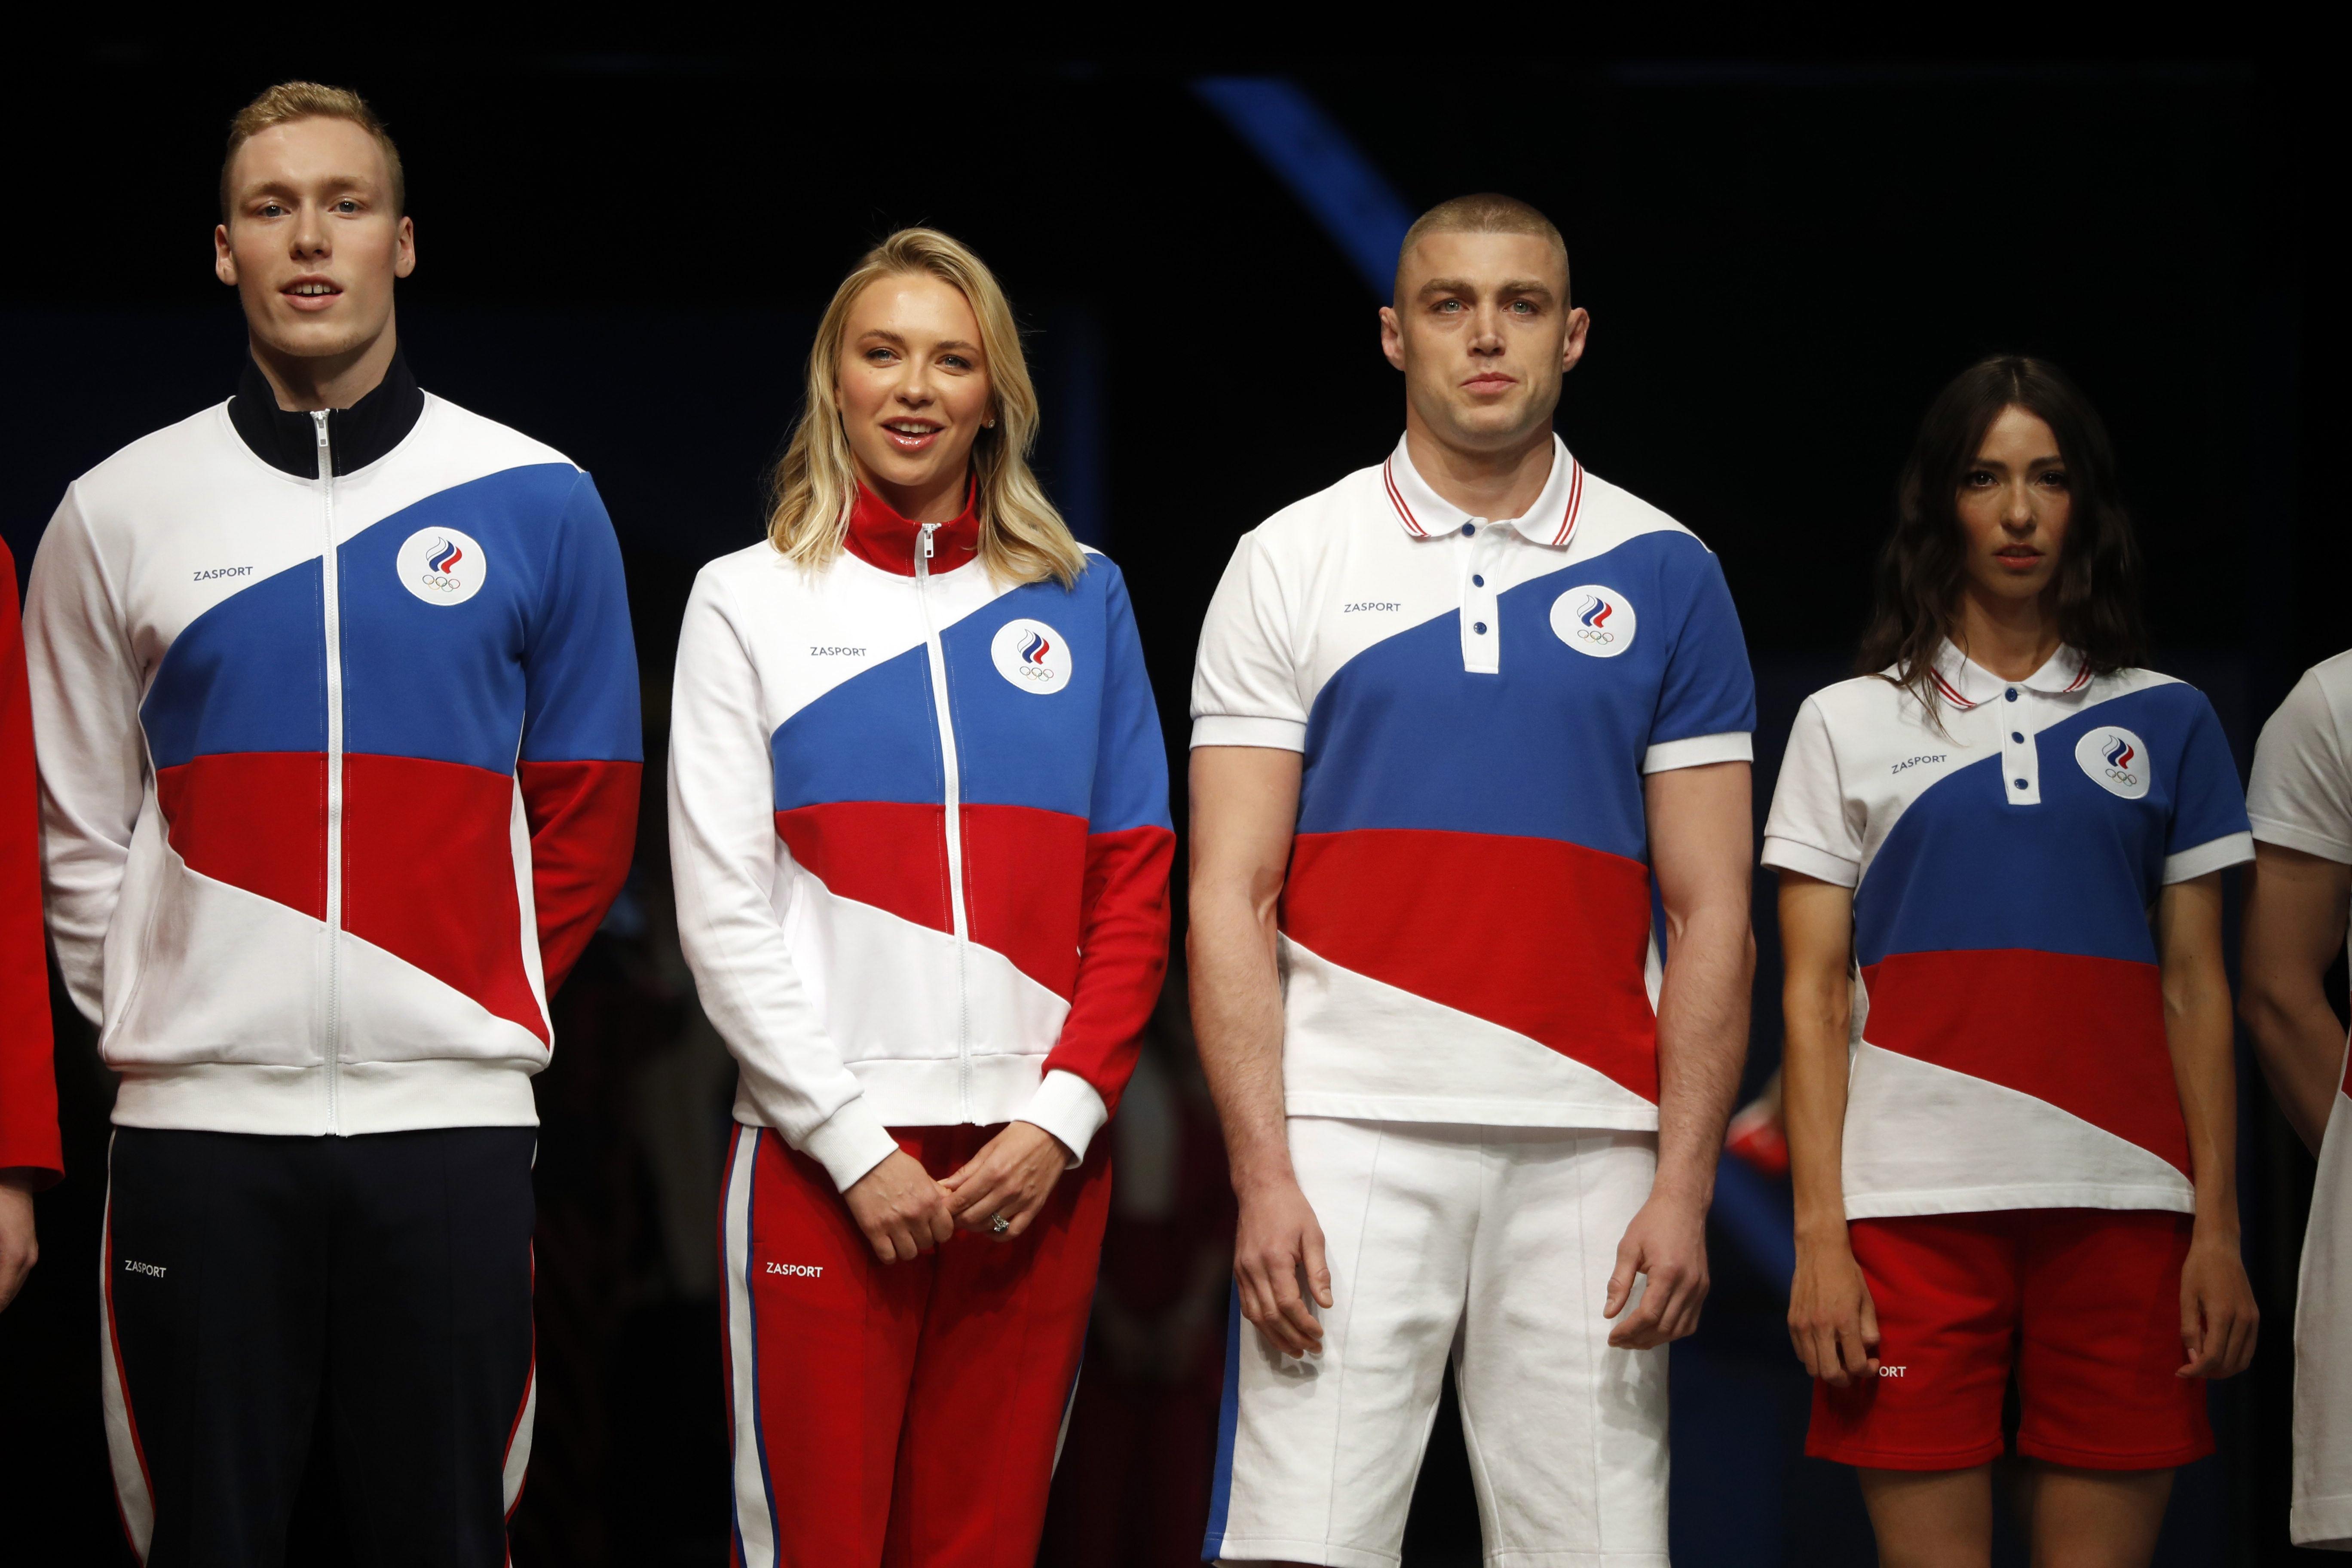 ▲▼東京奧運俄羅斯奧會(Russian Olympic Committee, ROC)代表隊。(圖/達志影像/美聯社)